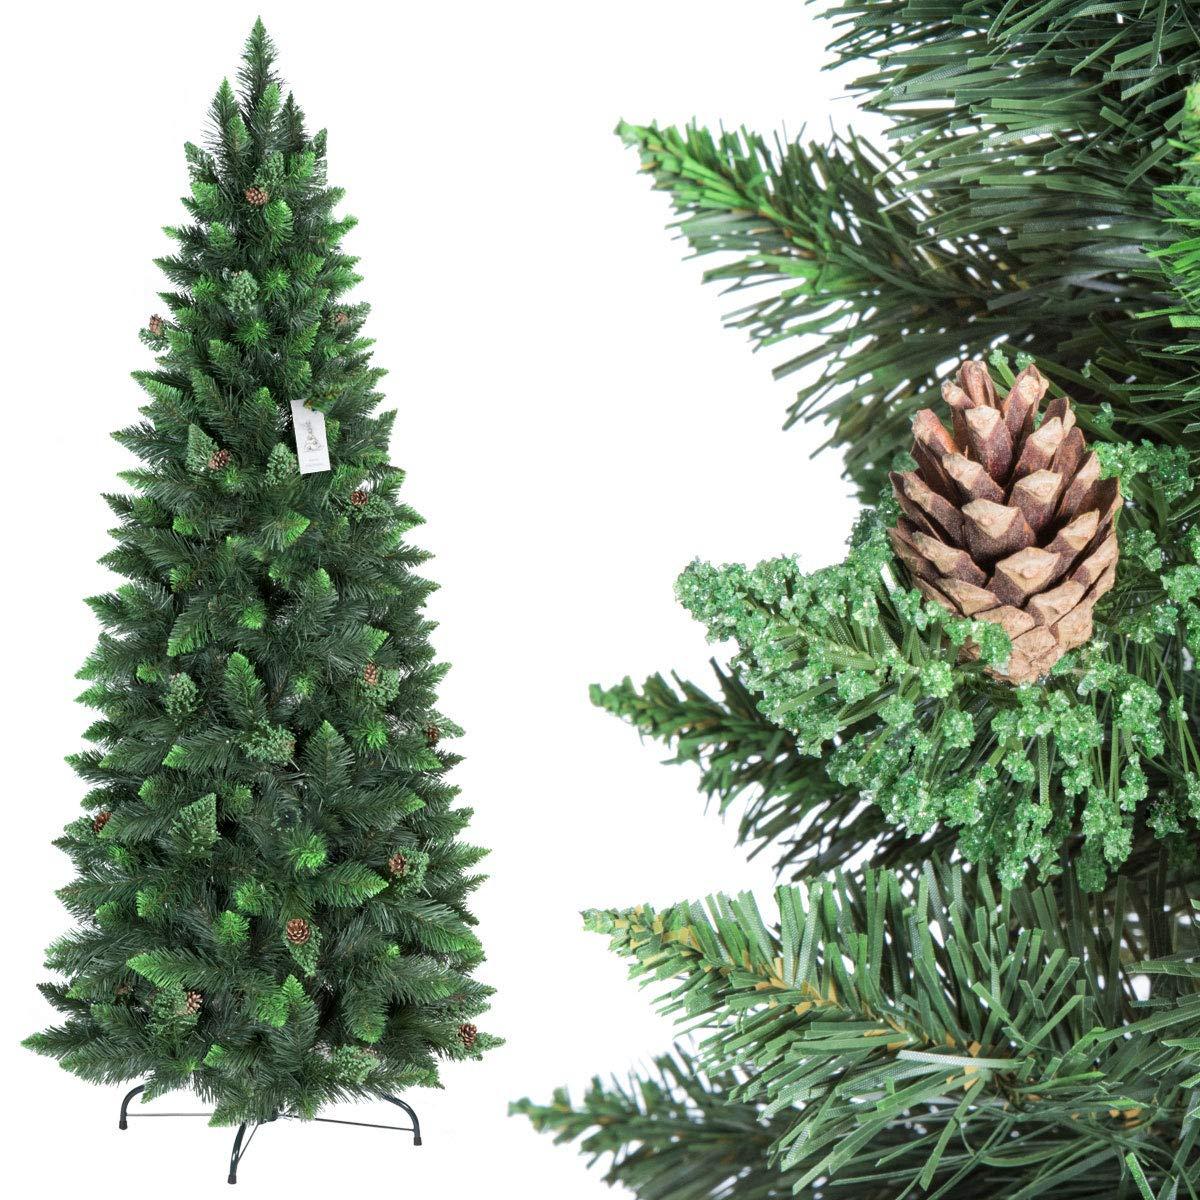 FairyTrees Artificiale Albero di Natale Slim, Pino Verde Naturale, Materiale PVC, Vere pigne, incl. Supporto in Metallo, 150cm, FT08-150